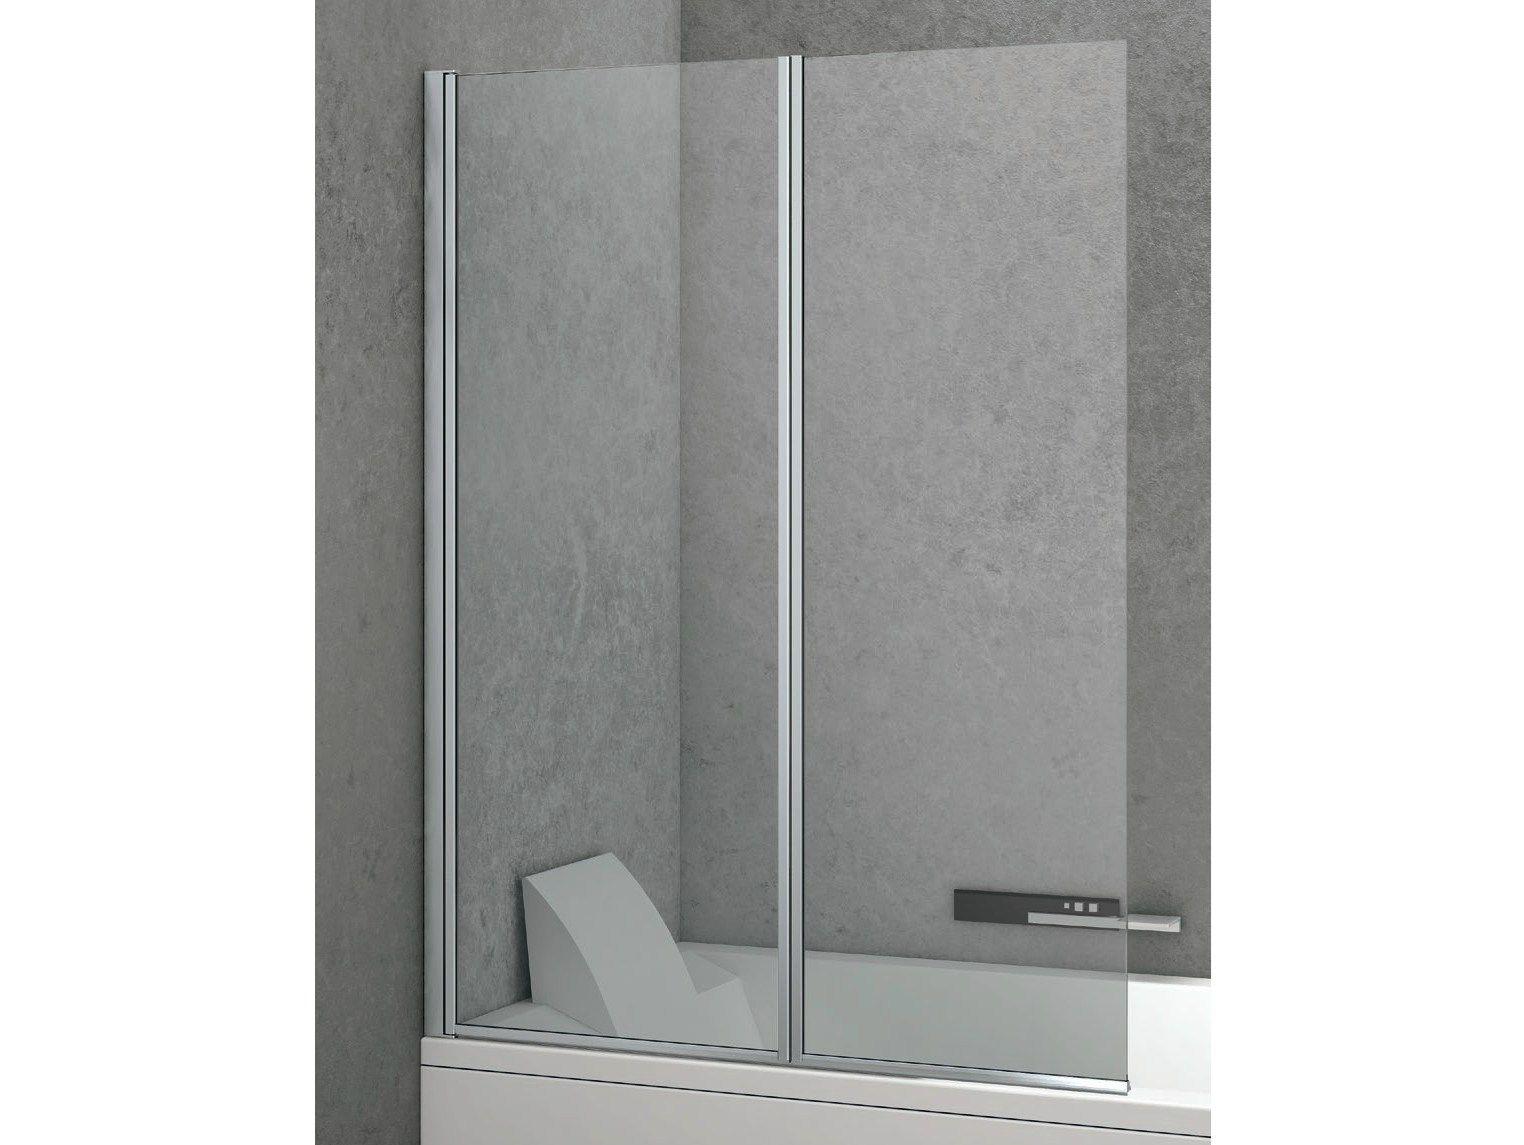 Vasche in vetro aqualux parete doccia in vetro per vasca - Vasca da bagno in vetro ...